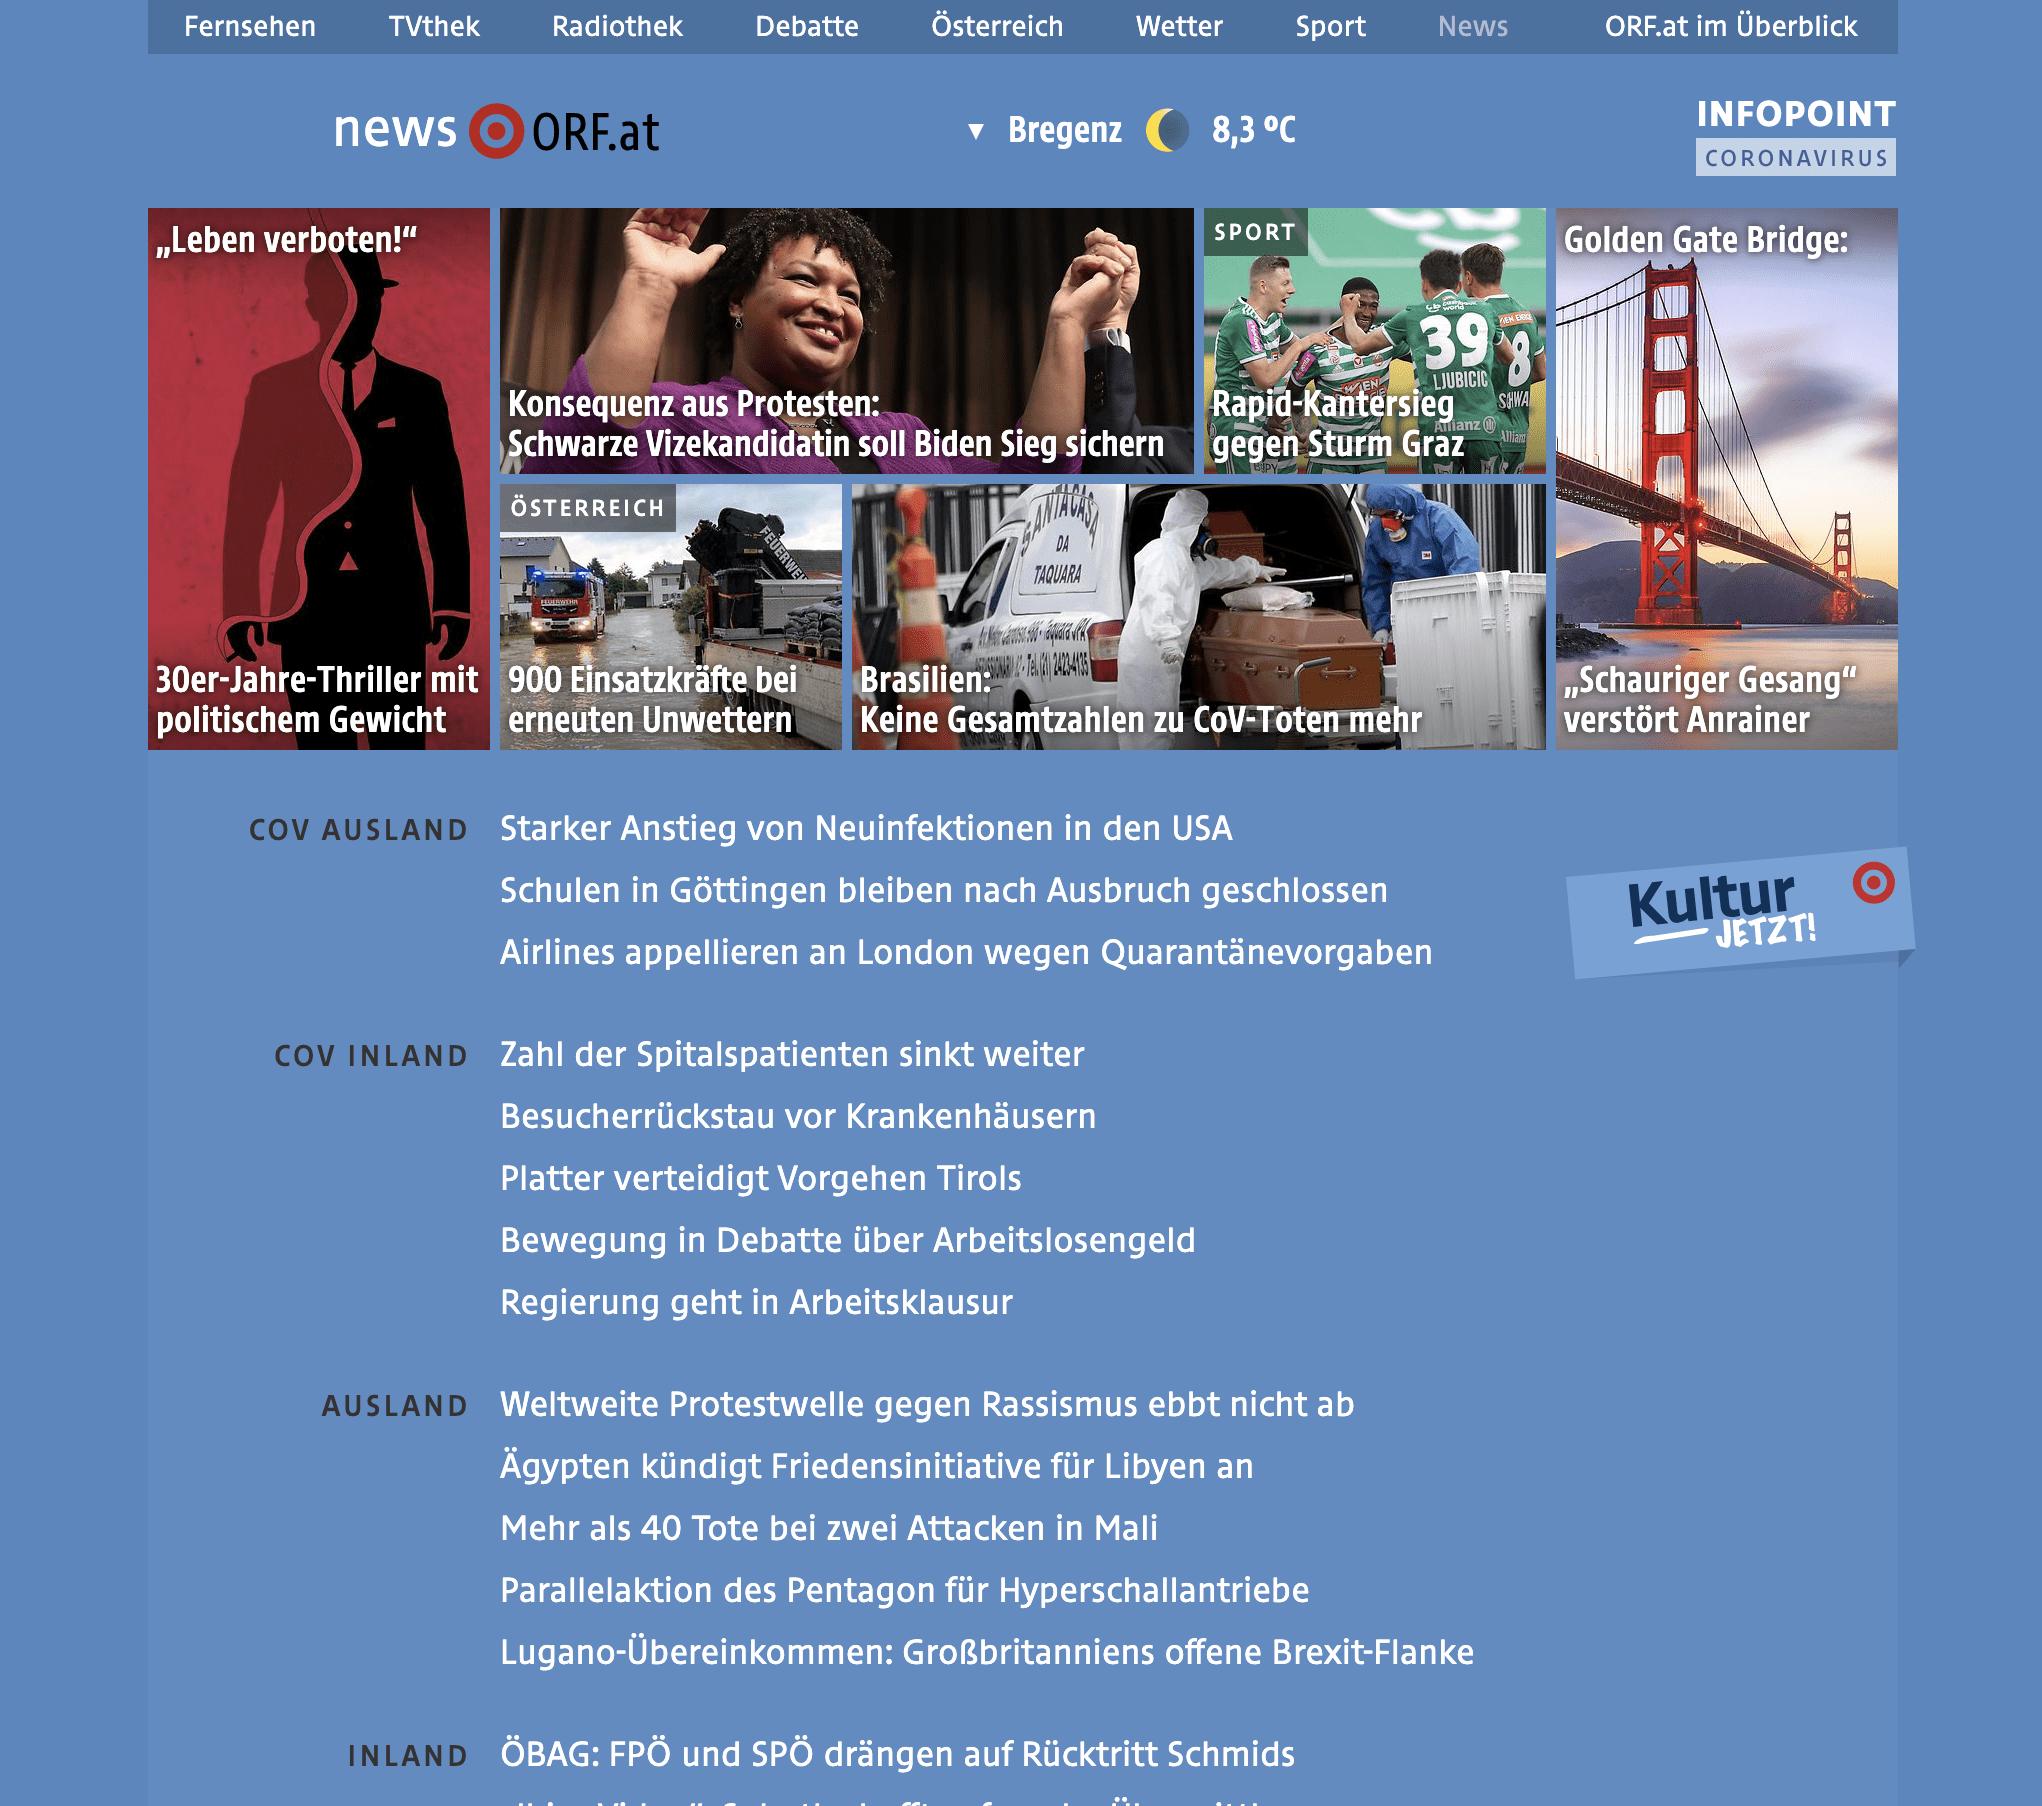 Interview zu Leben verboten! auf ORF.at